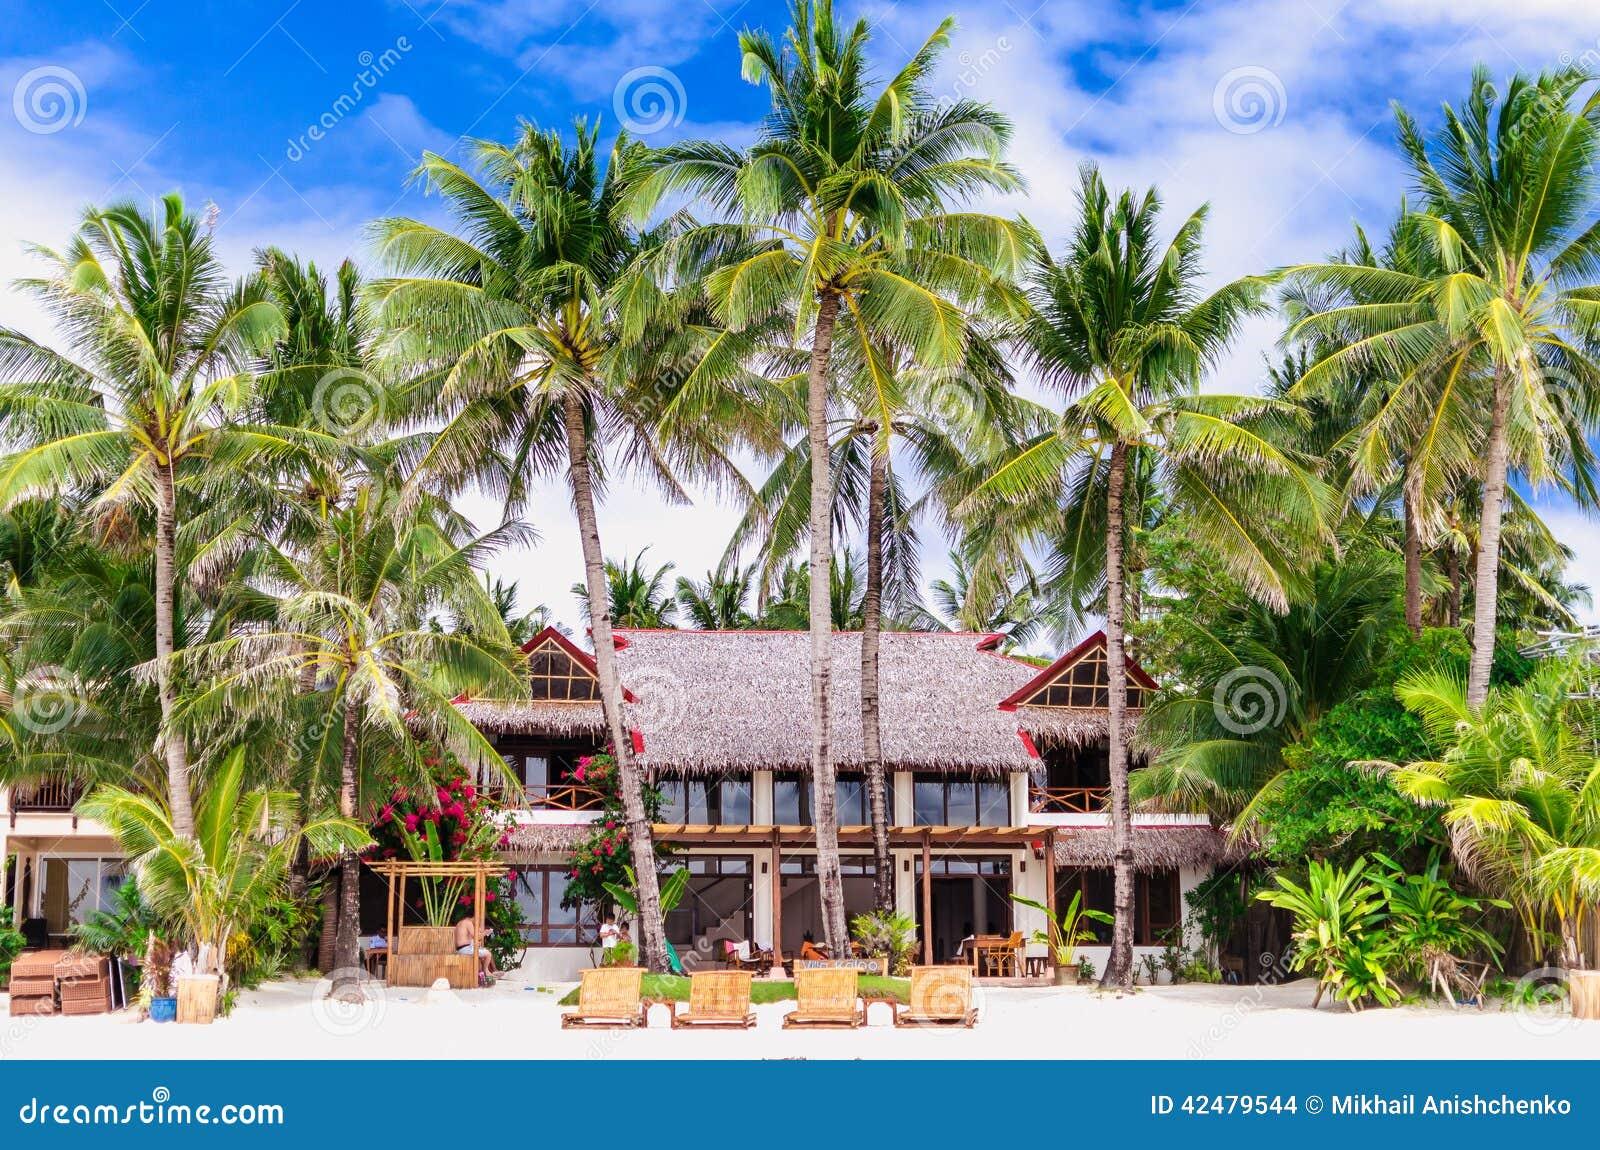 Casa de campo e palmeiras luxuosas na praia branca em Boracay